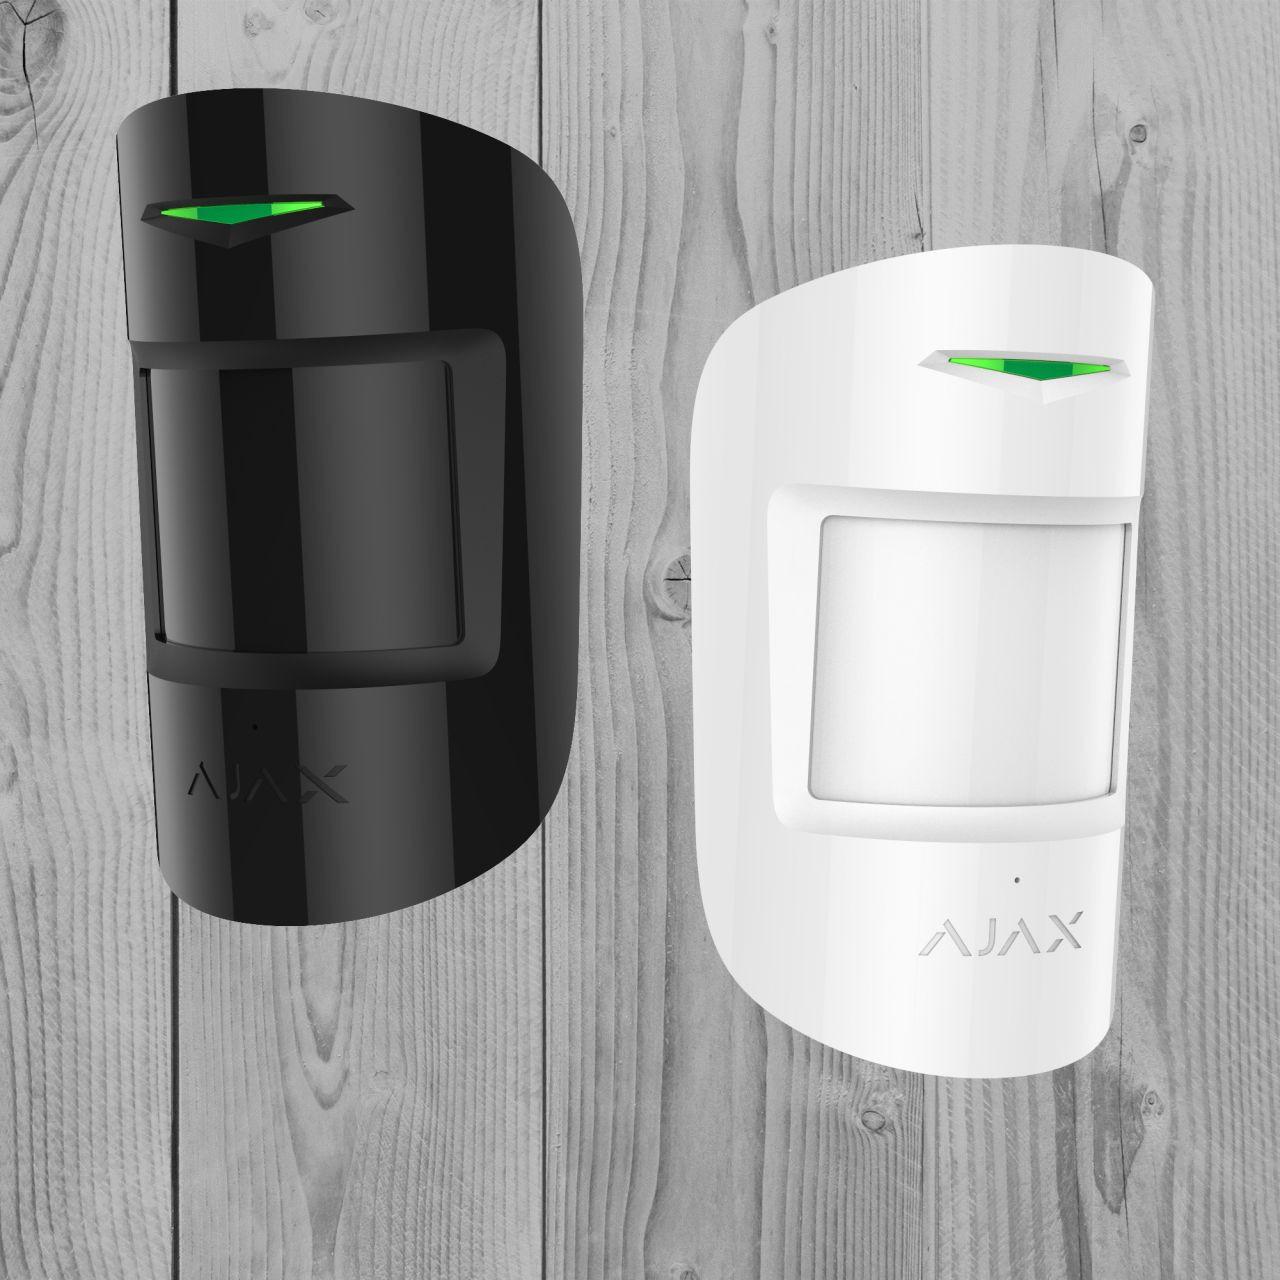 Беспроводной датчик движения и разбития Ajax CombiProtect (белый, черный)